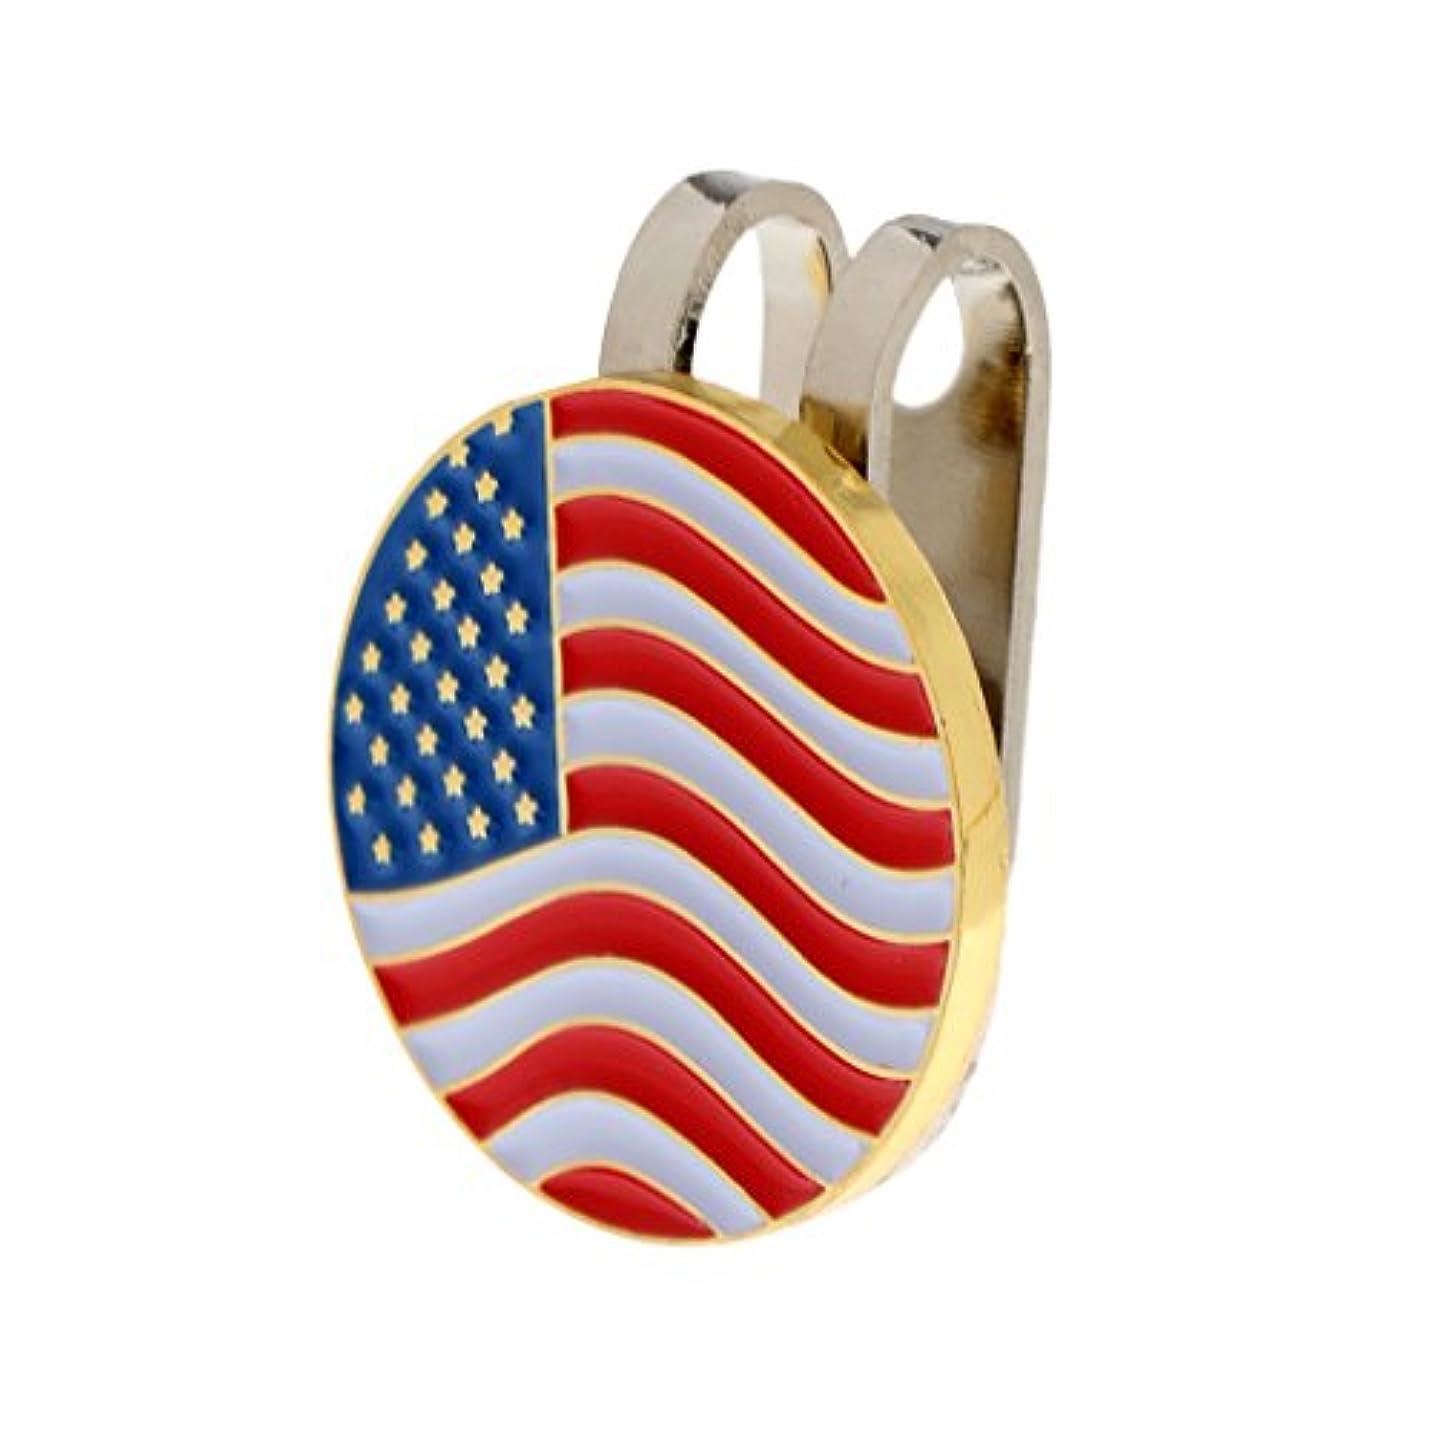 安価なオレンジ電報ゴルフ用 アメリカ旗のデザイン ハットクリップ付き マグネット ボールマーカー